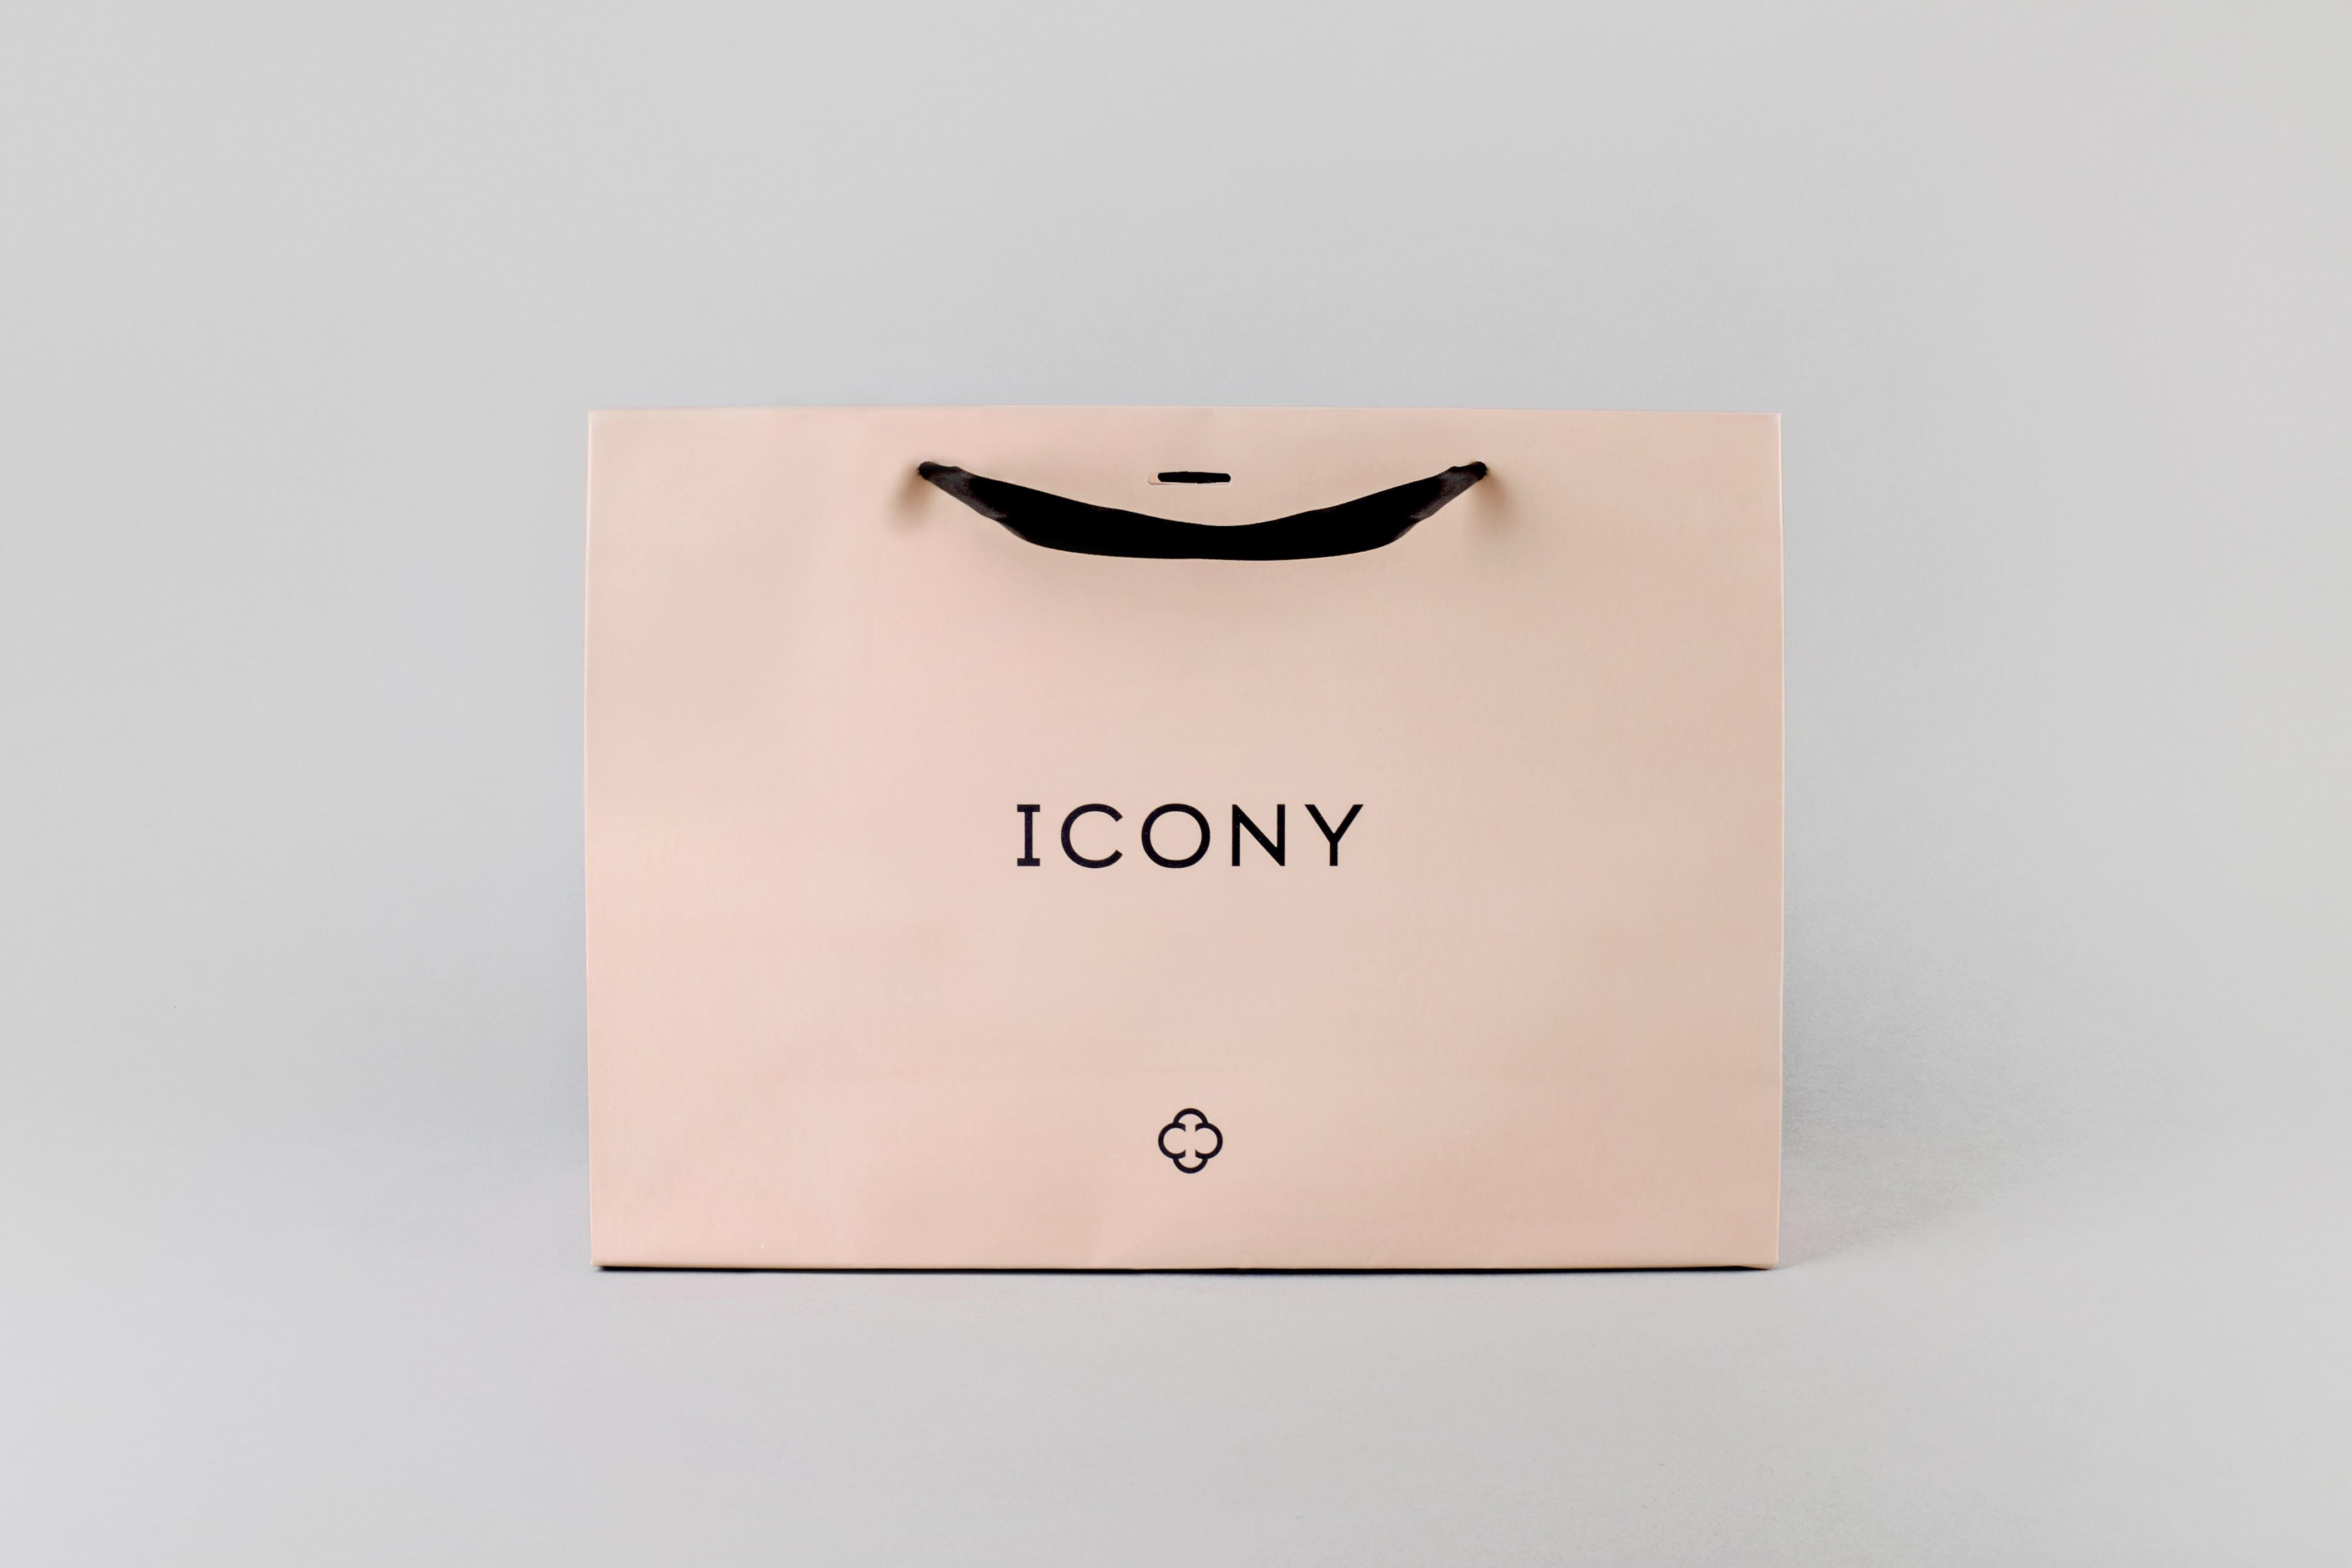 ICONY